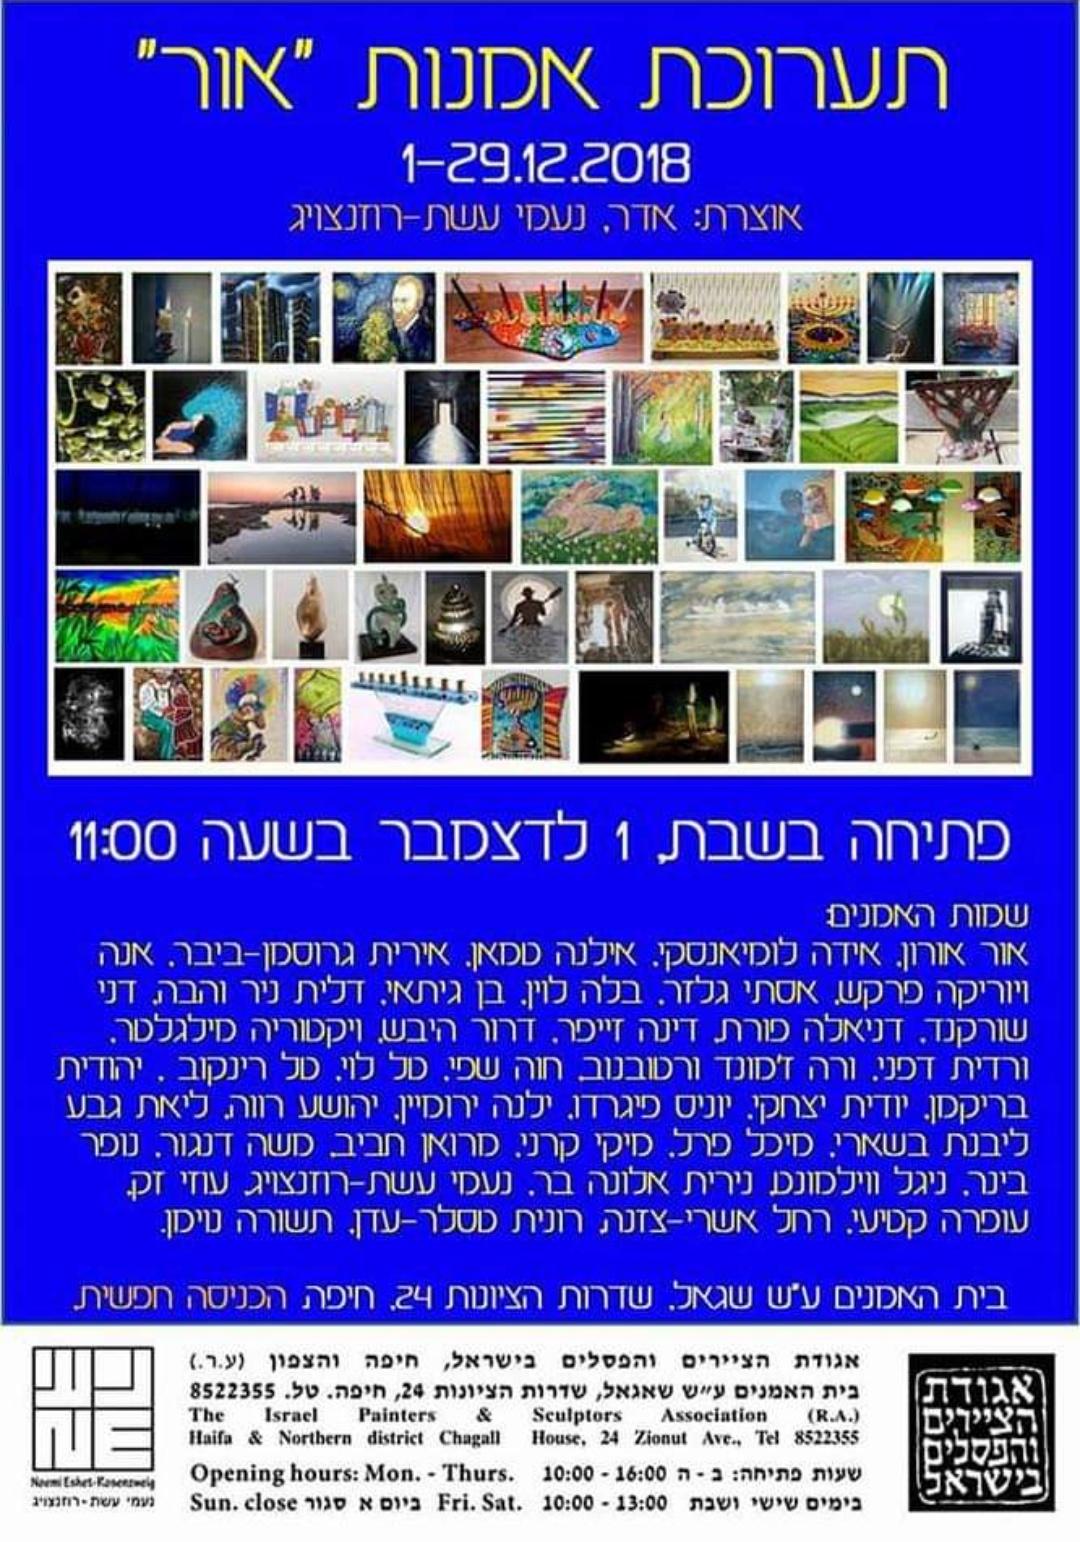 בית האמנים על שם שאגאל, חיפה